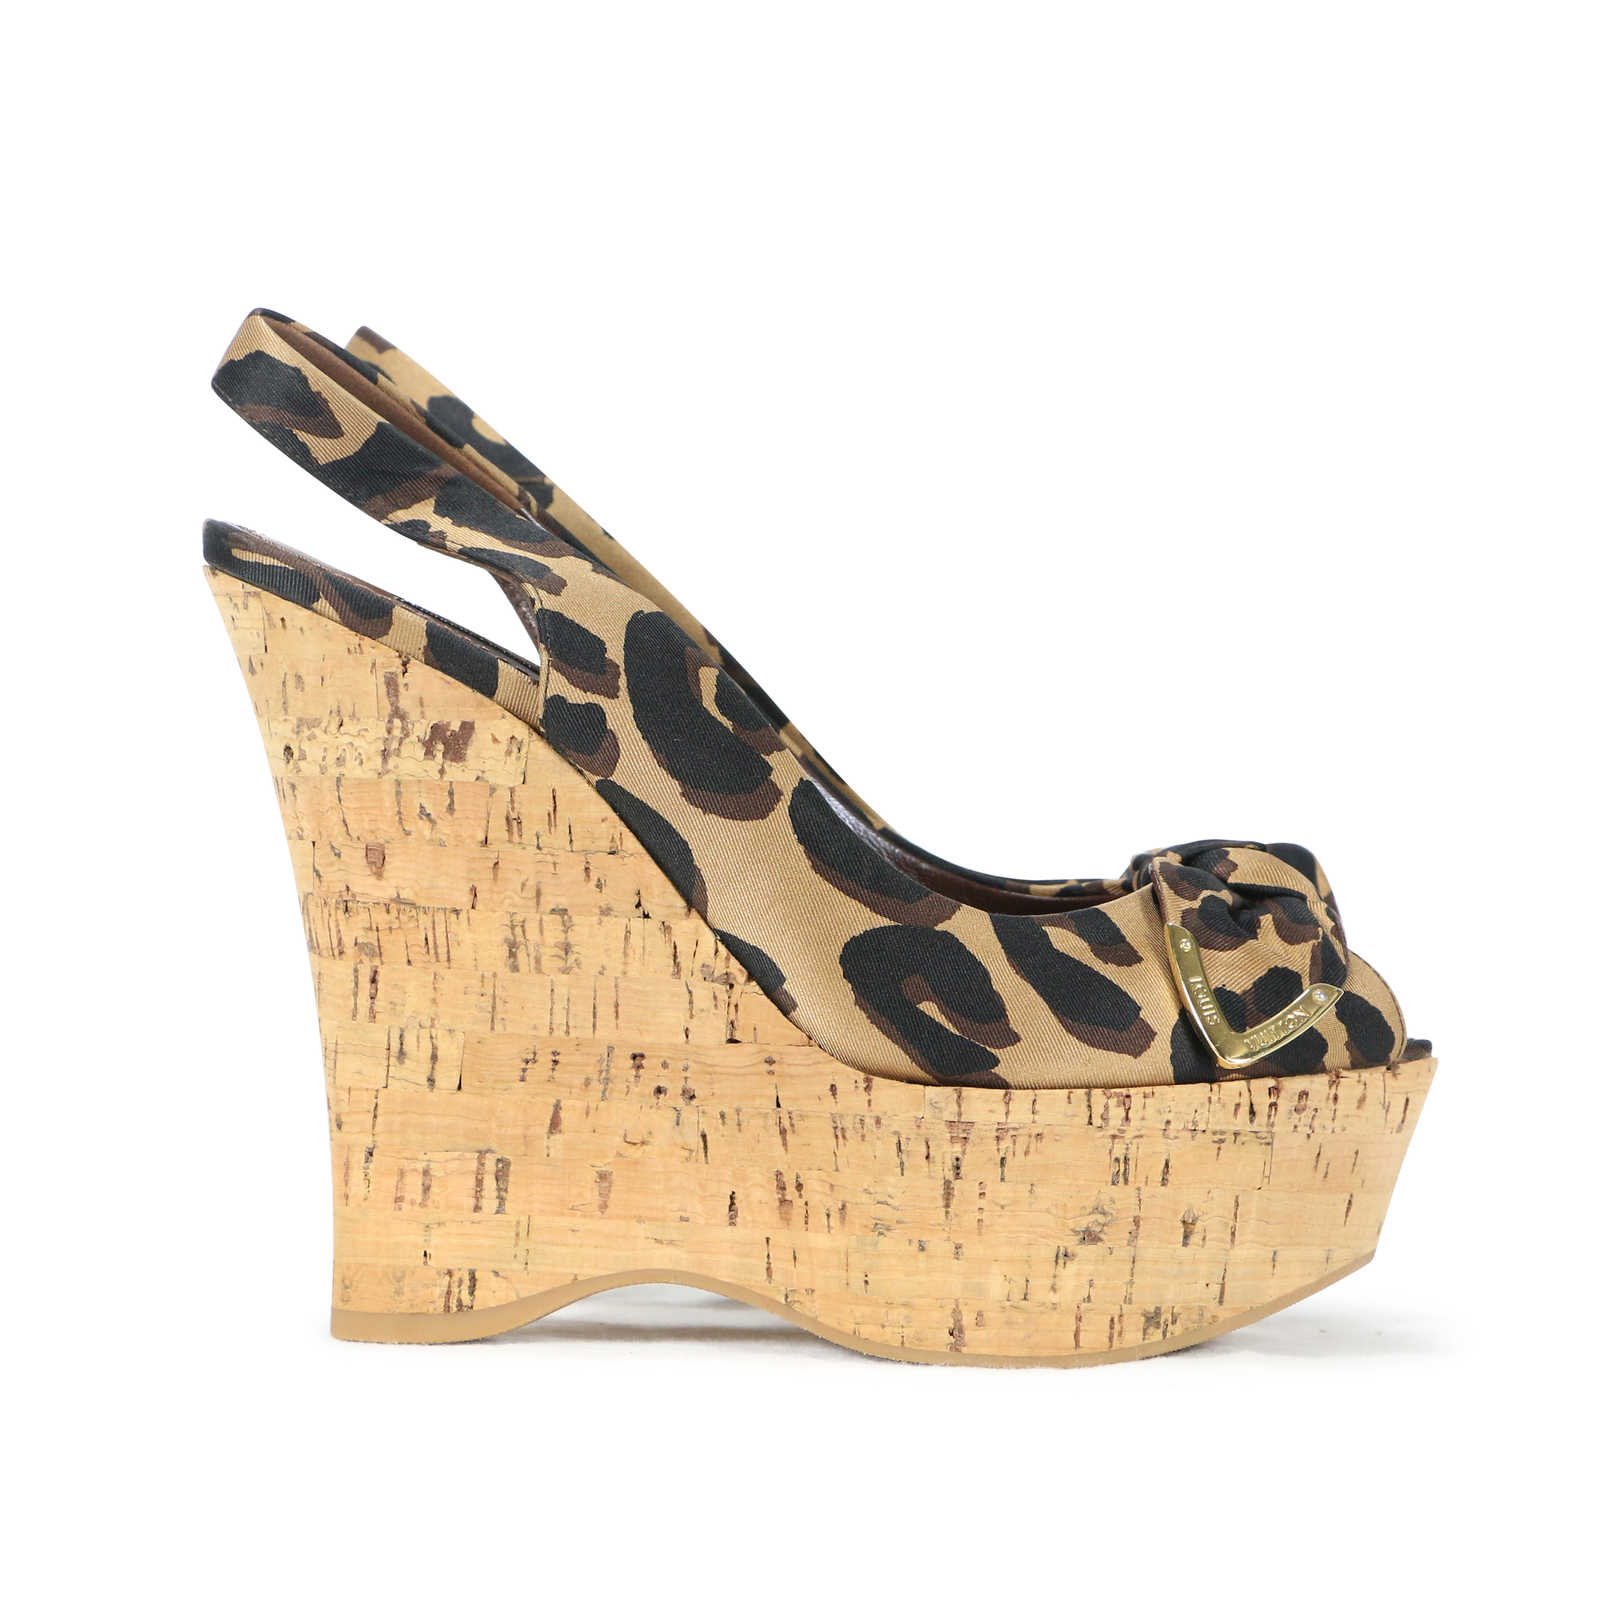 d620da9226 ... Authentic Second Hand Louis Vuitton Leopard Print Wedge Sandals  (PSS-200-00238) ...